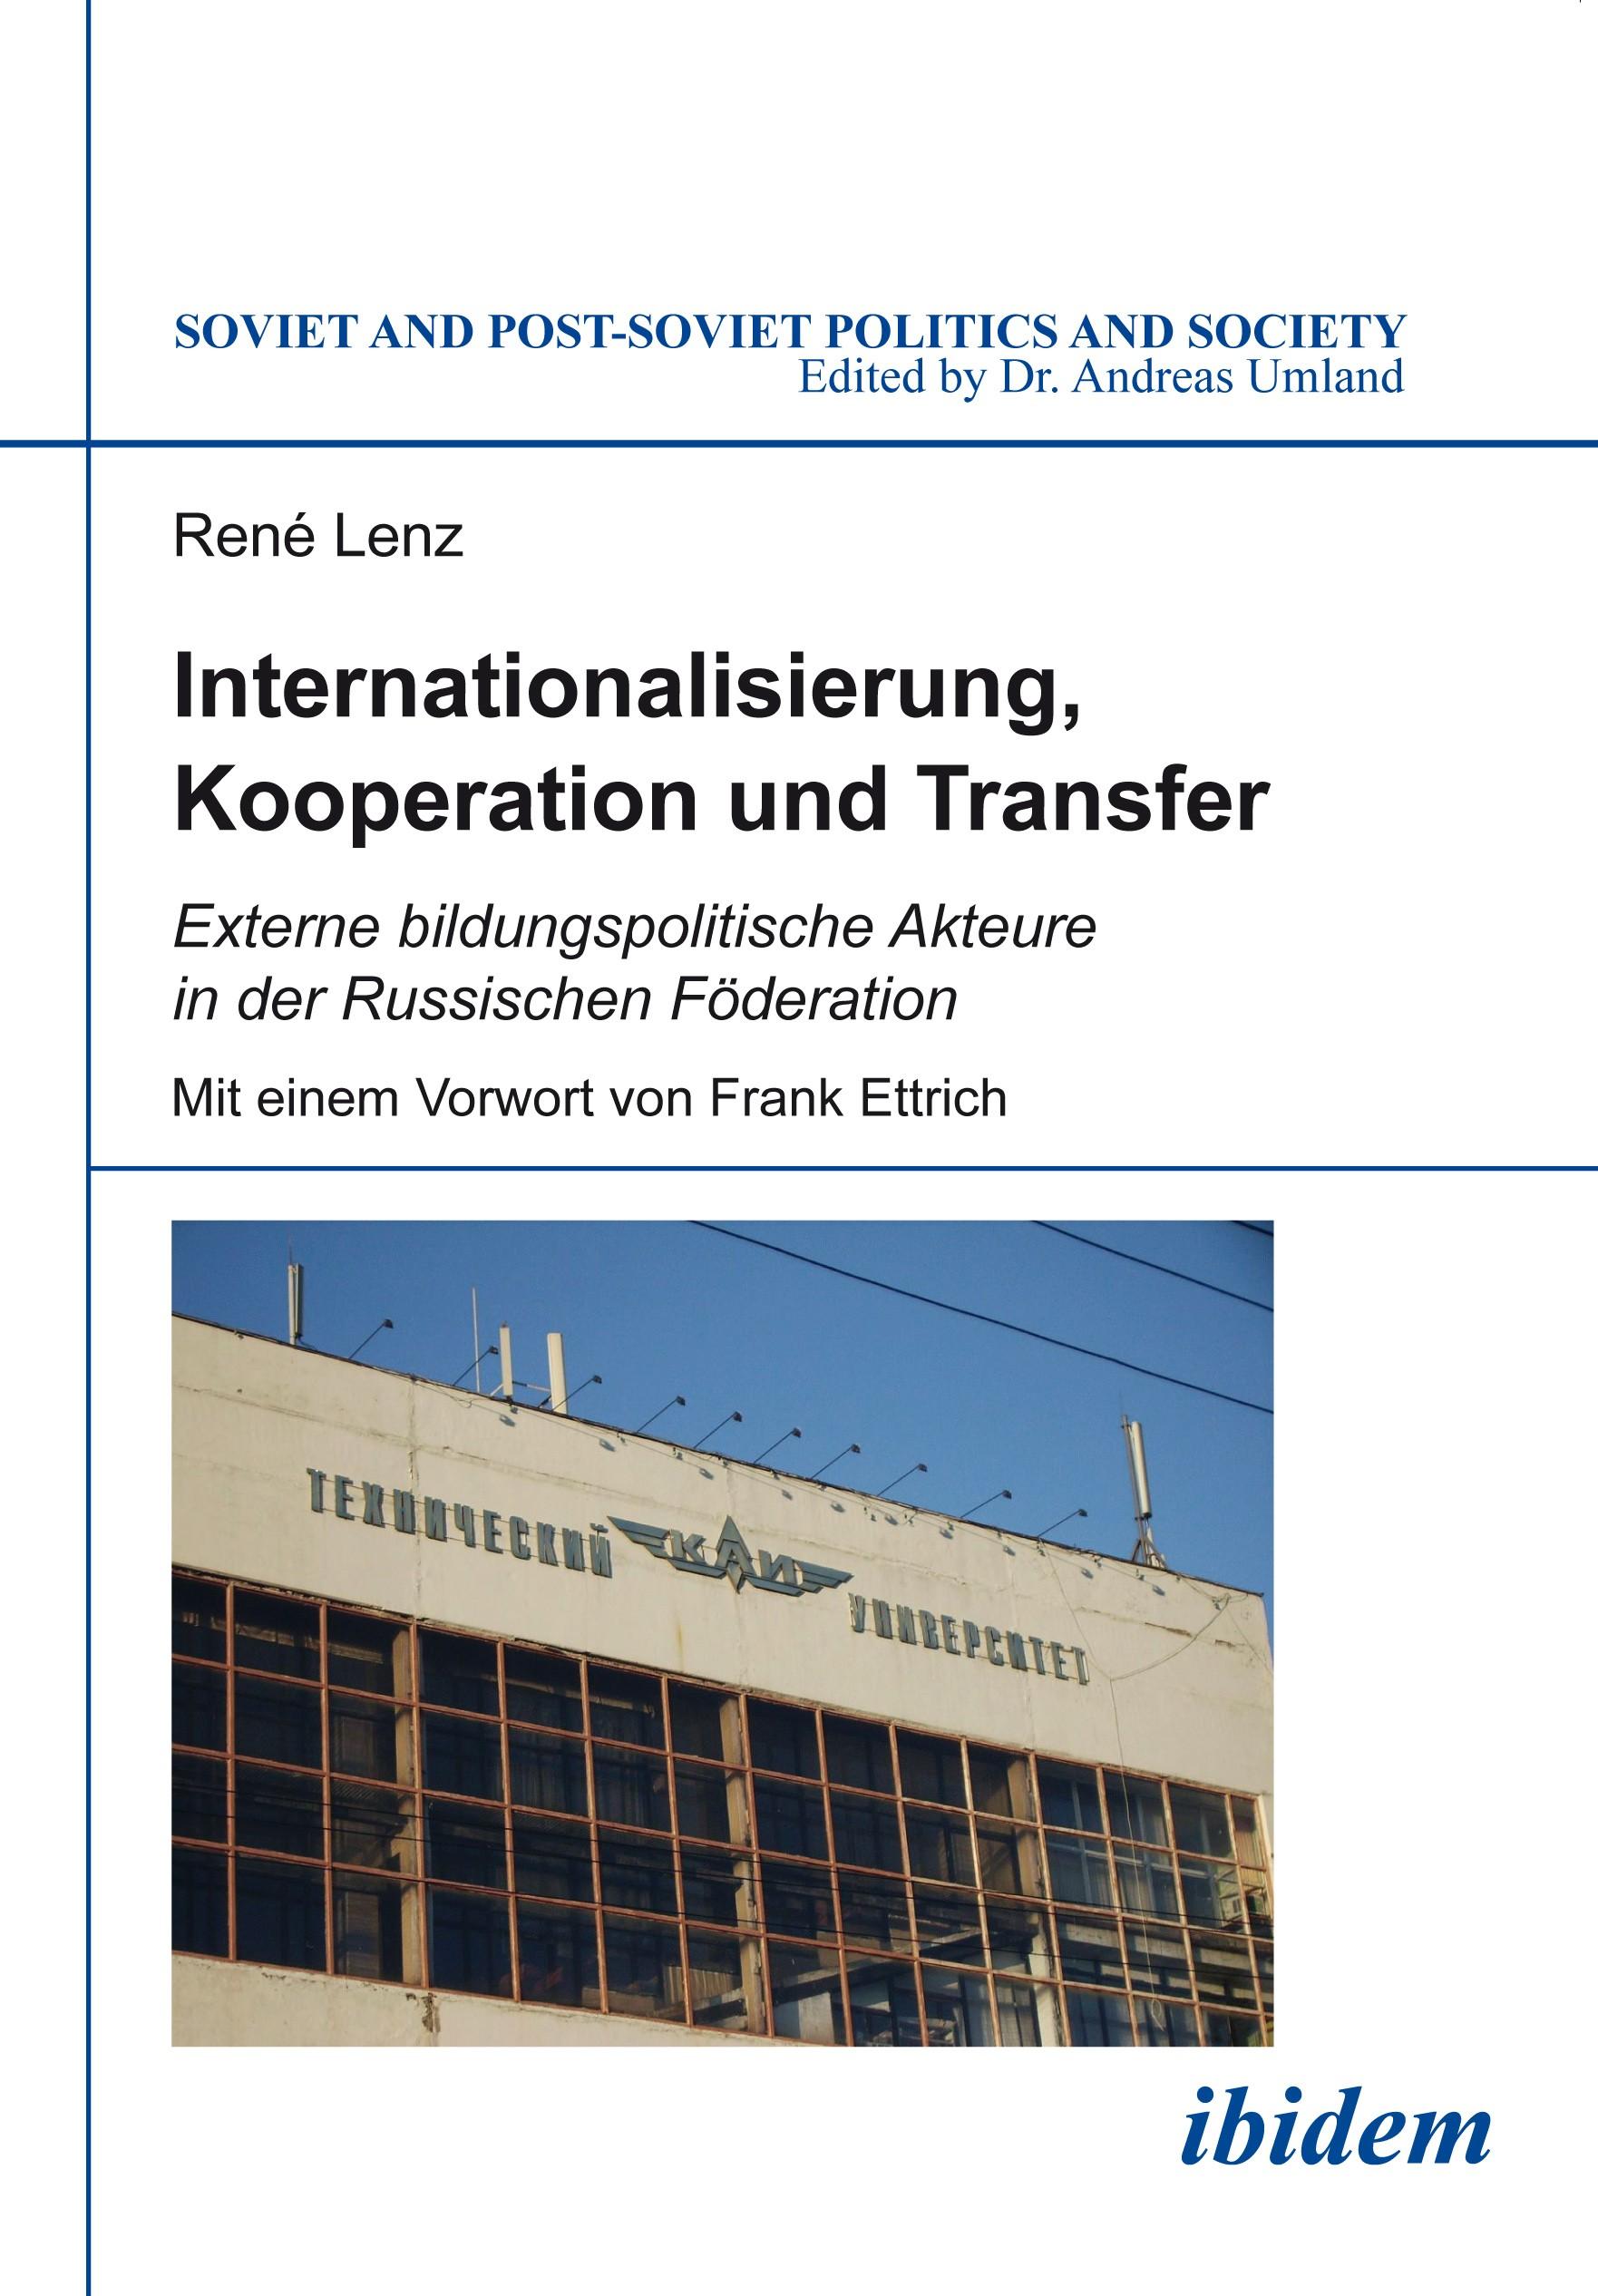 Internationalisierung, Kooperation und Transfer